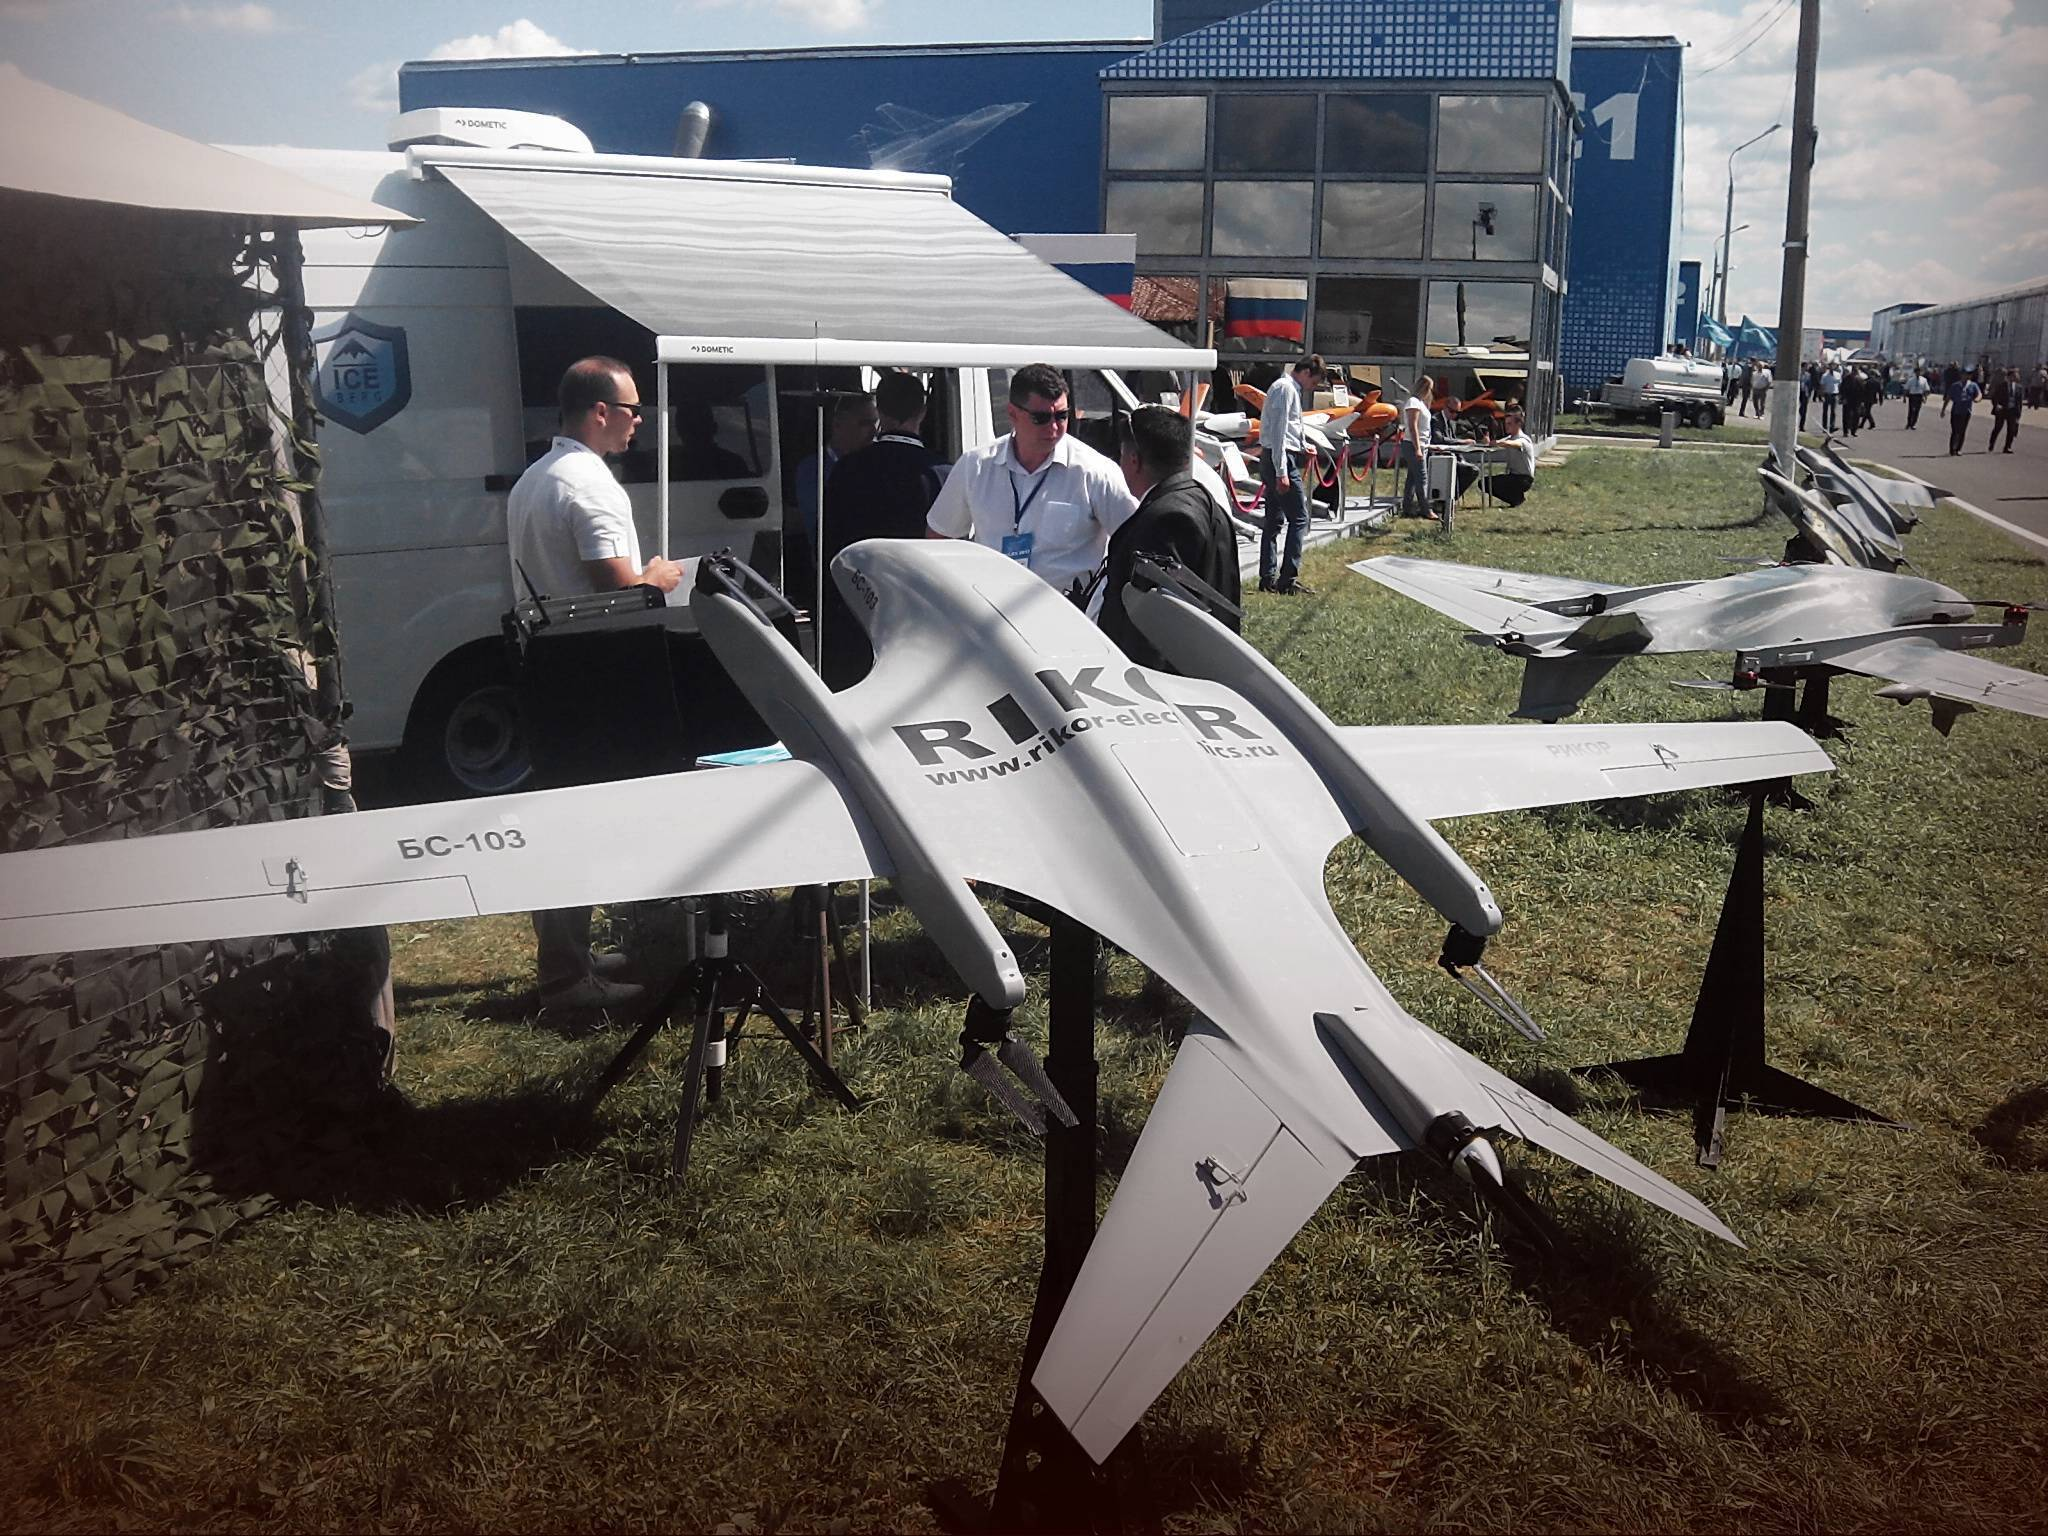 На безопасной высоте: владельцам «легких» дронов откроют небо | статьи | известия